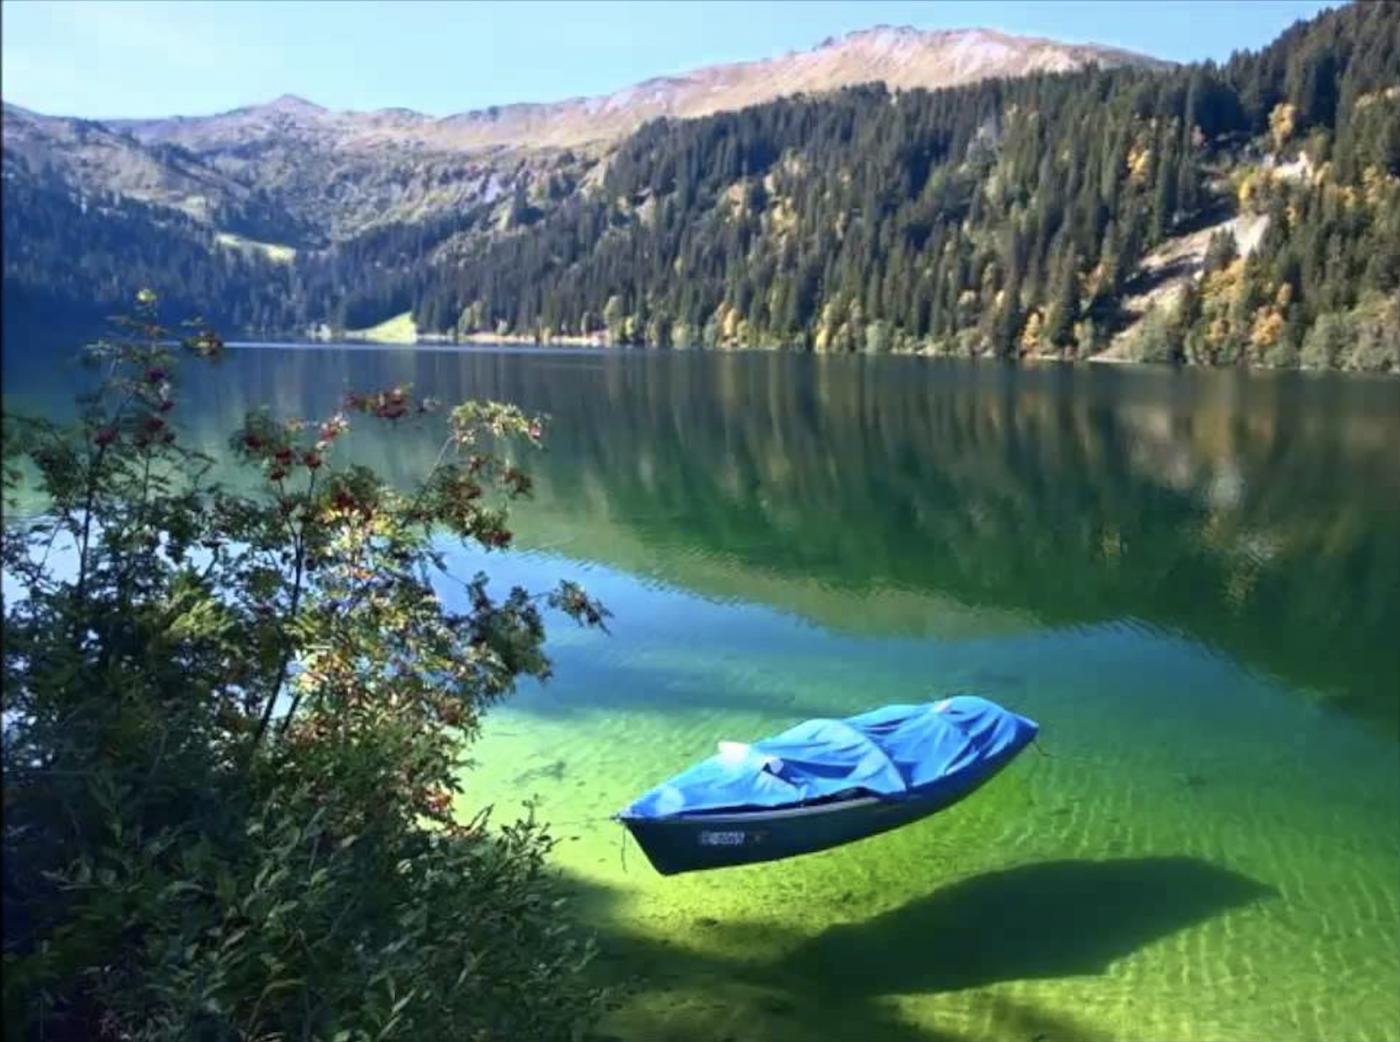 美丽的贝加尔湖为什么爆发排华示威?_图1-5